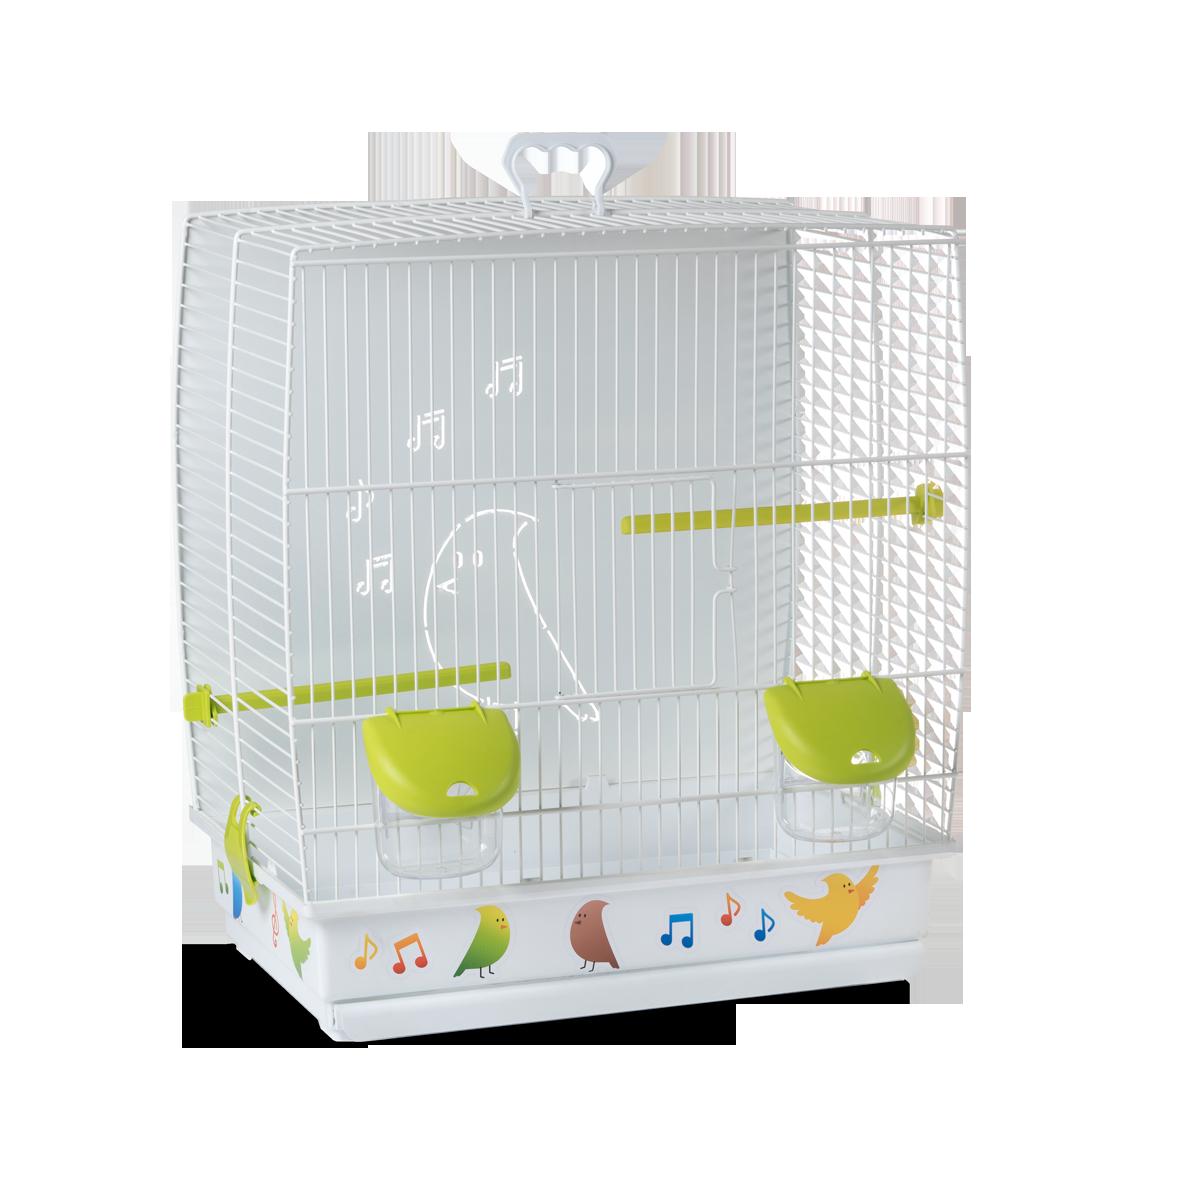 Клетка для птиц Voltrega (645) цвет белый/зеленый